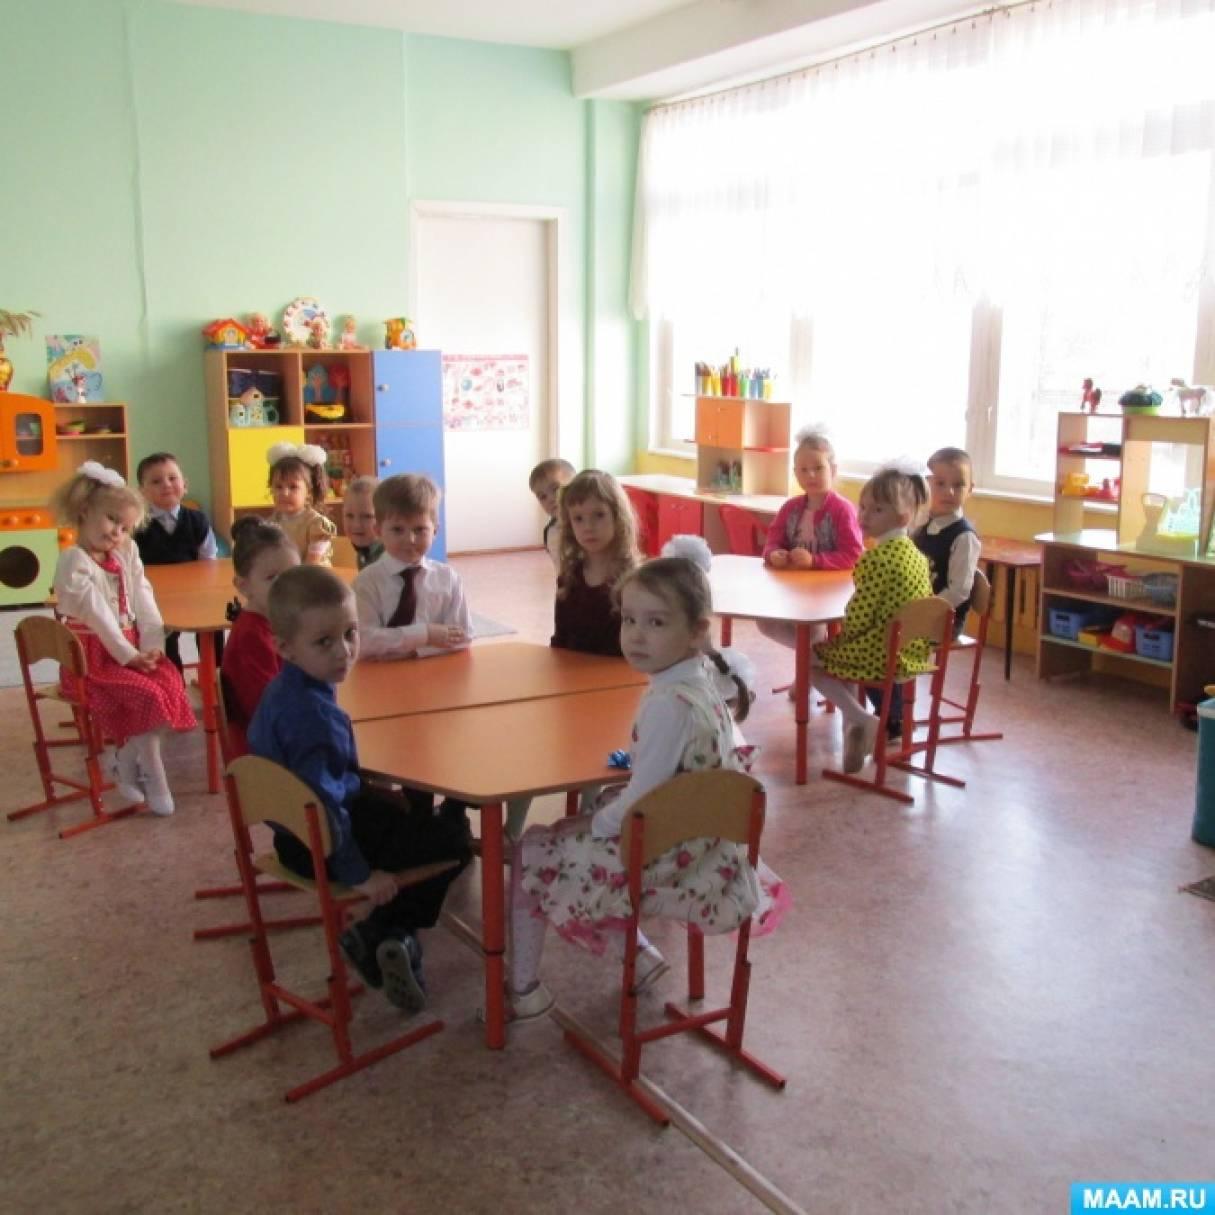 Фотоотчет о мероприятиях во Всемирный день доброты